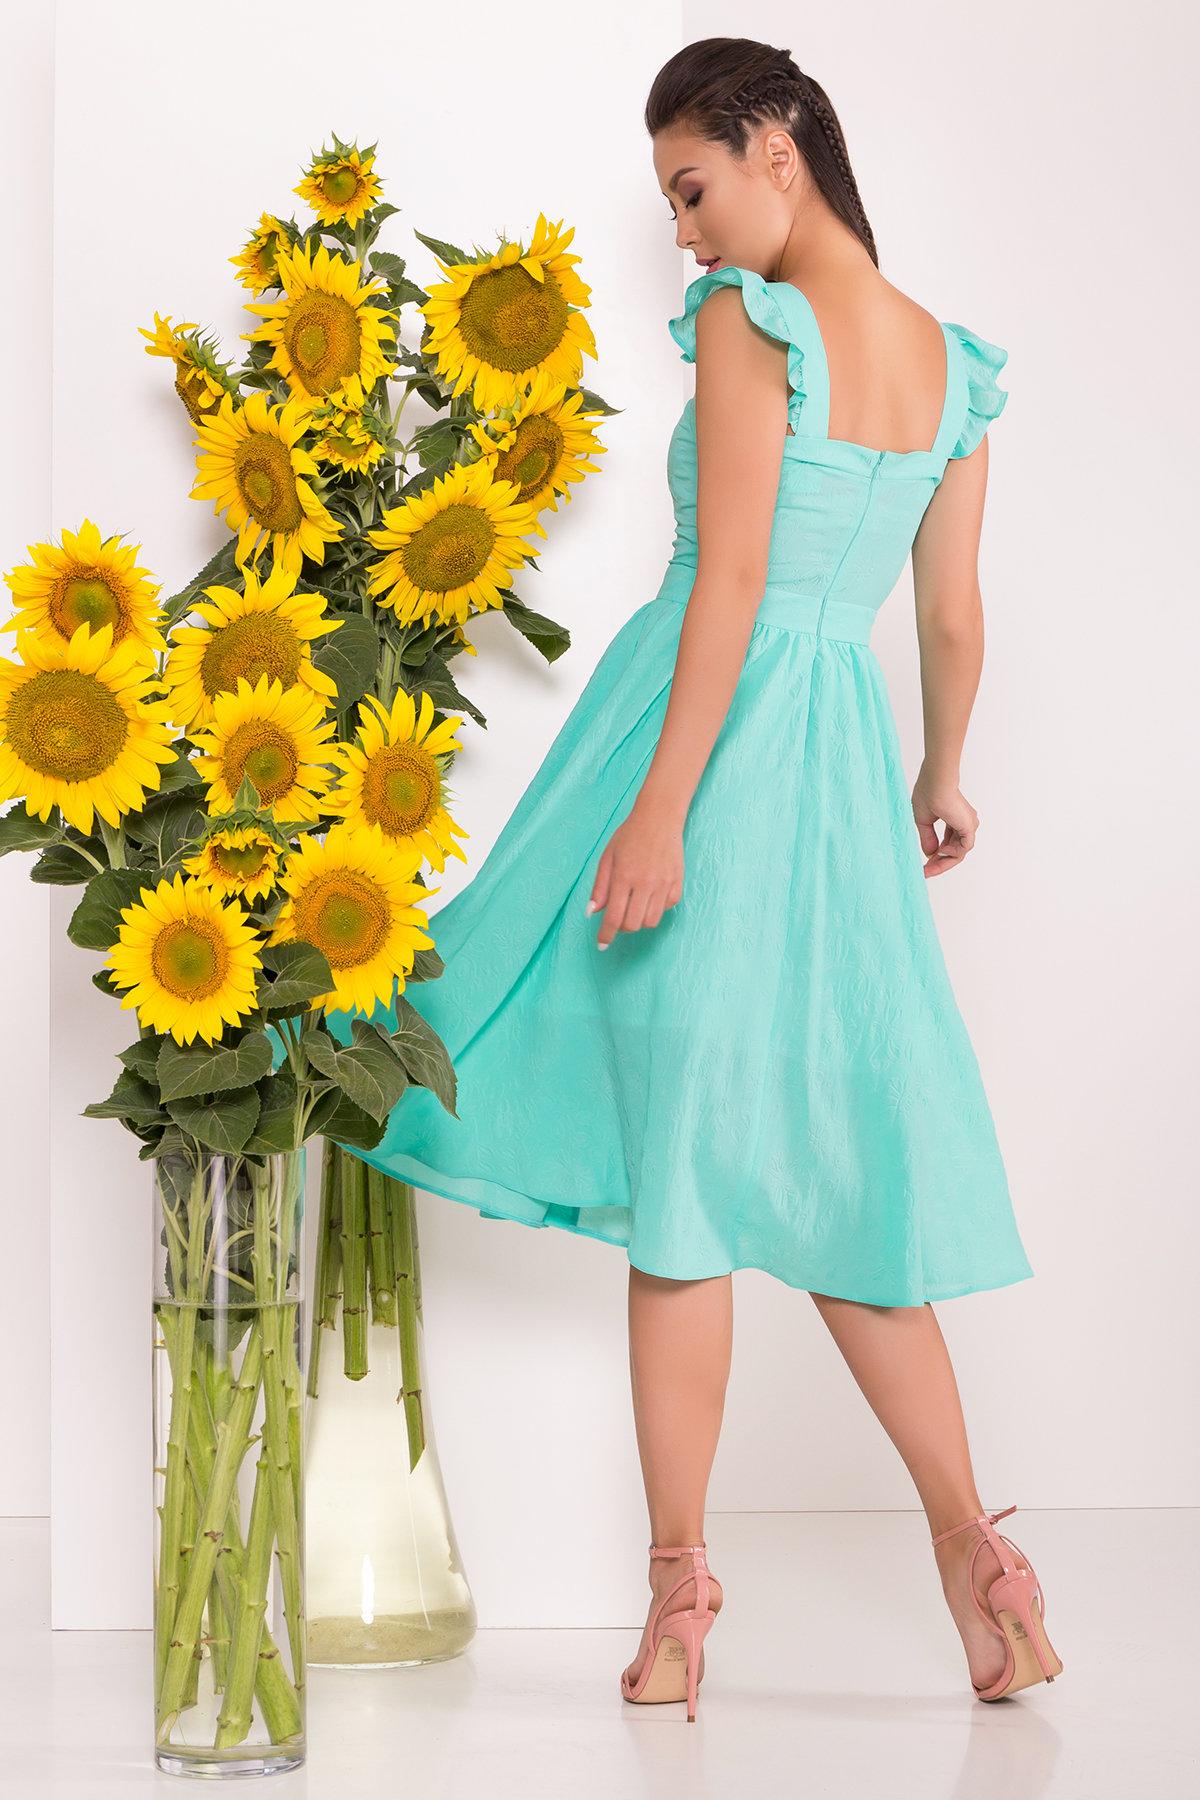 Однотонное Платье Ундина 7587 АРТ. 43531 Цвет: Мята - фото 2, интернет магазин tm-modus.ru